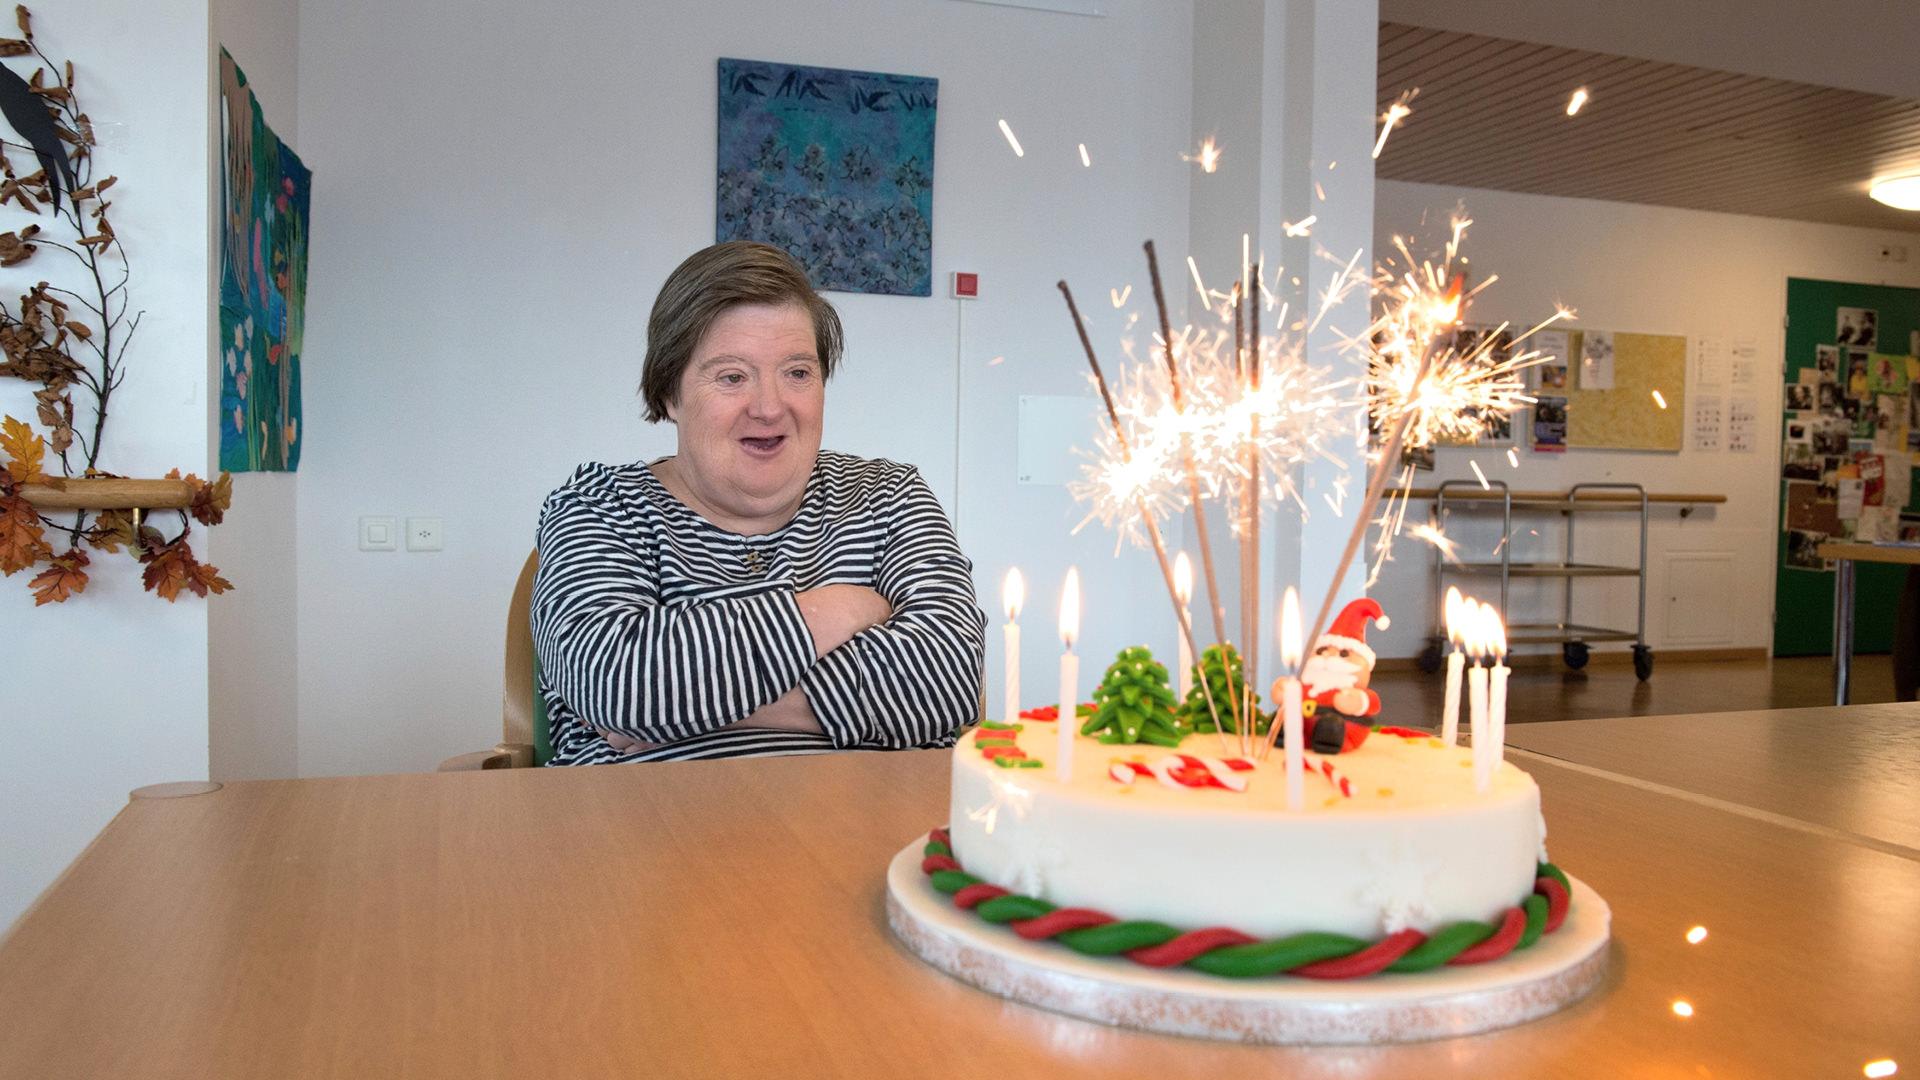 Bewohnerin der Martin Stiftung freut sich über ihren Geburtstagskuchen mit Wunderkerzen.